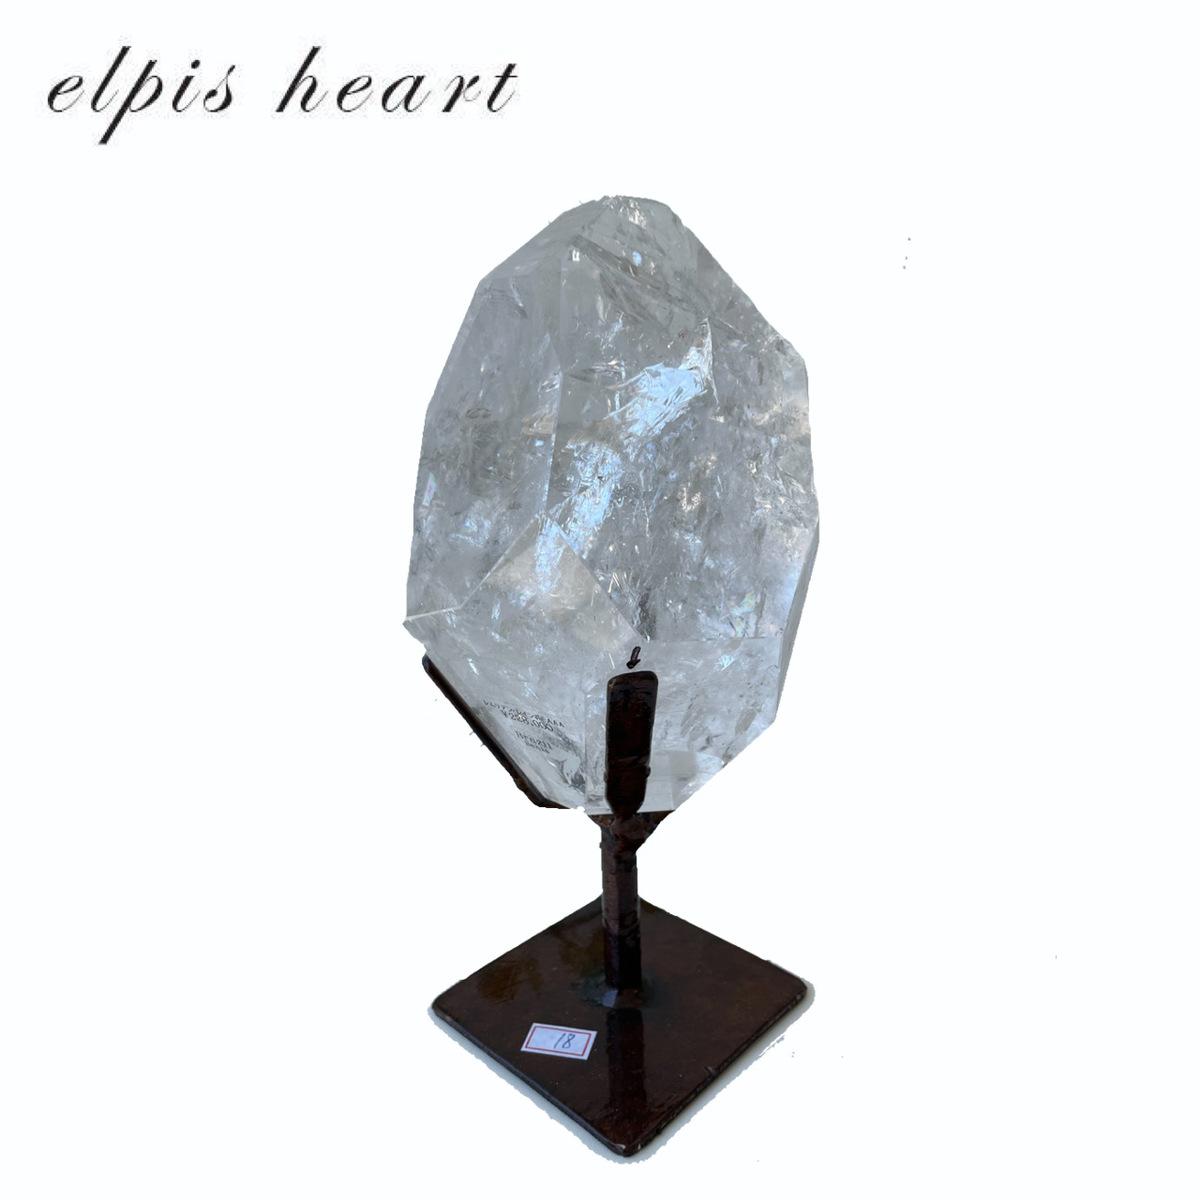 人気ショップが最安値挑戦 持ち主があらわれると目覚め 日本製 大きなエネルギーが開放されるといわれているレムリアン水晶です レムリアン水晶☆レインボー入り☆ブラジル産 最高品質☆